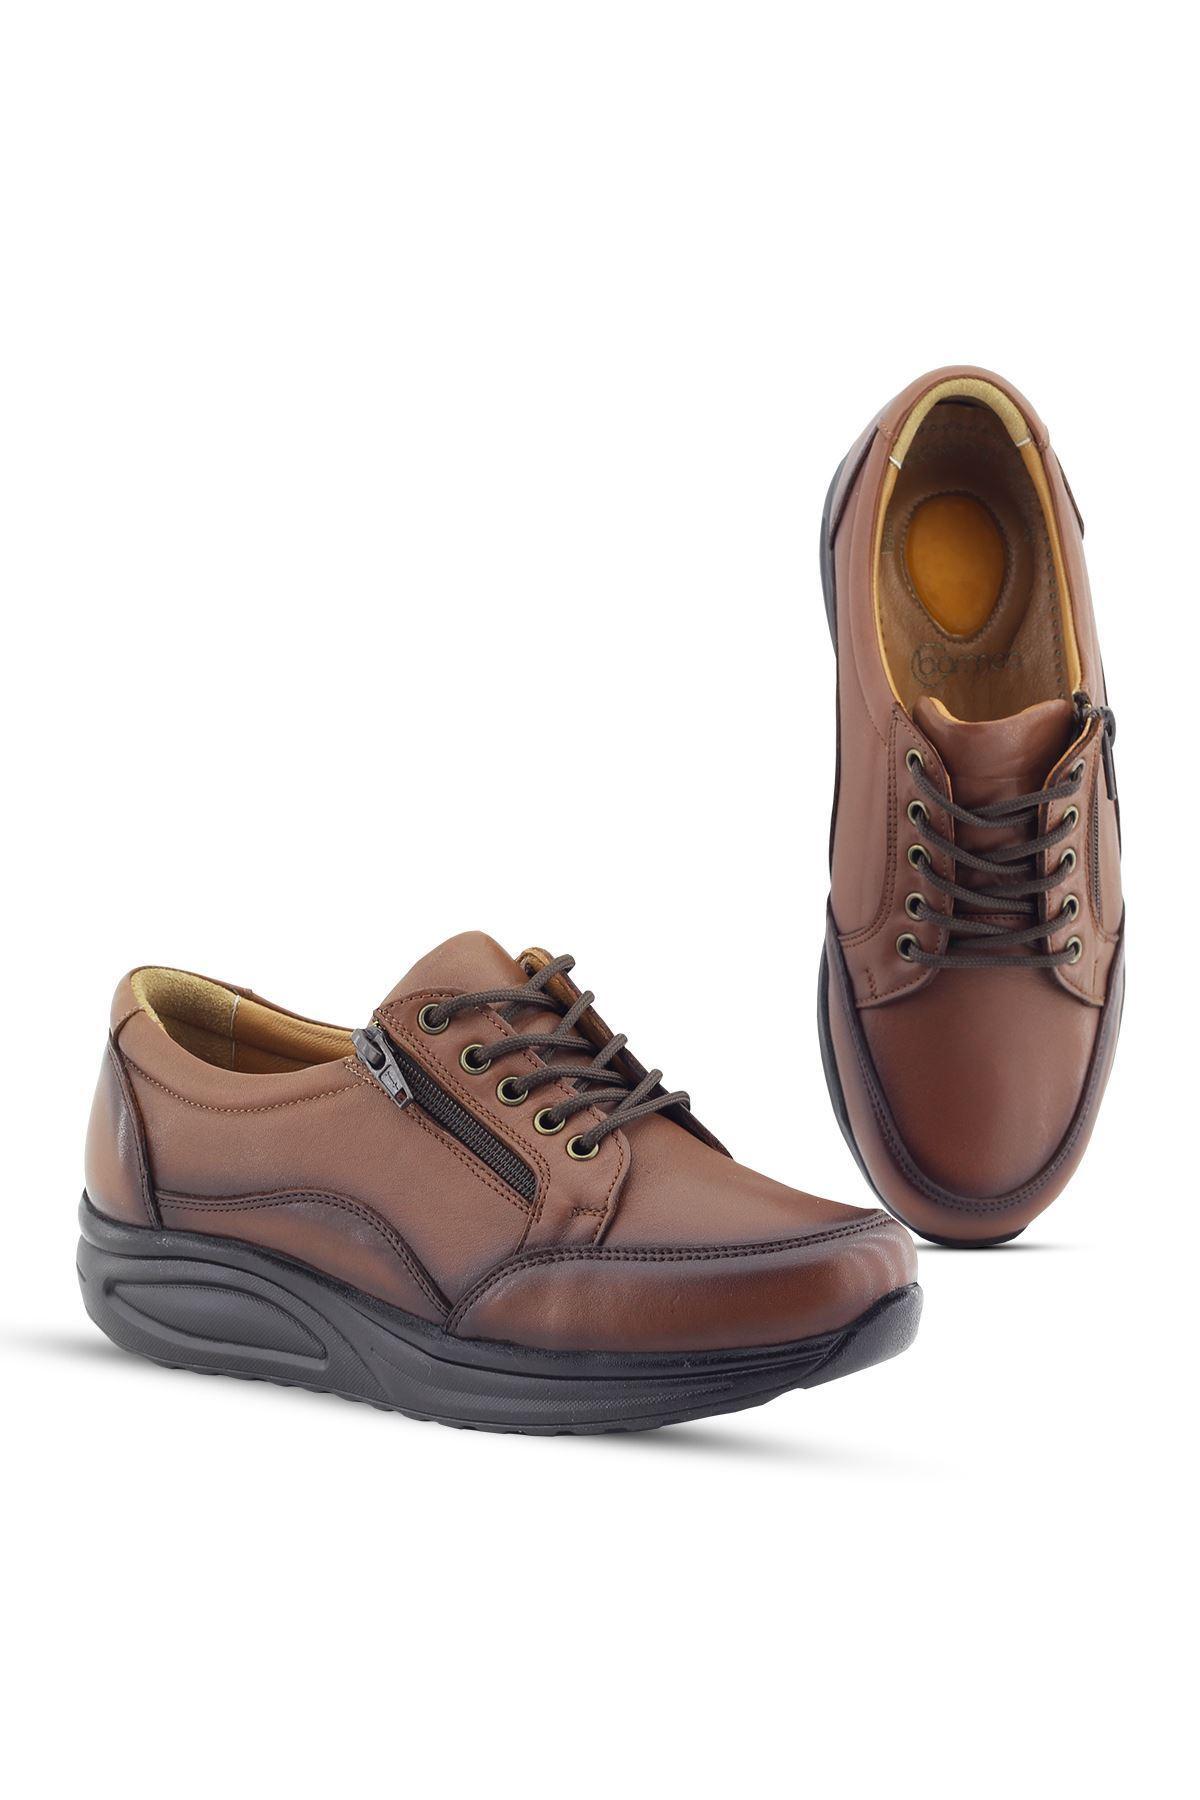 755 Taba Kadın Yürüyüş Ayakkabısı